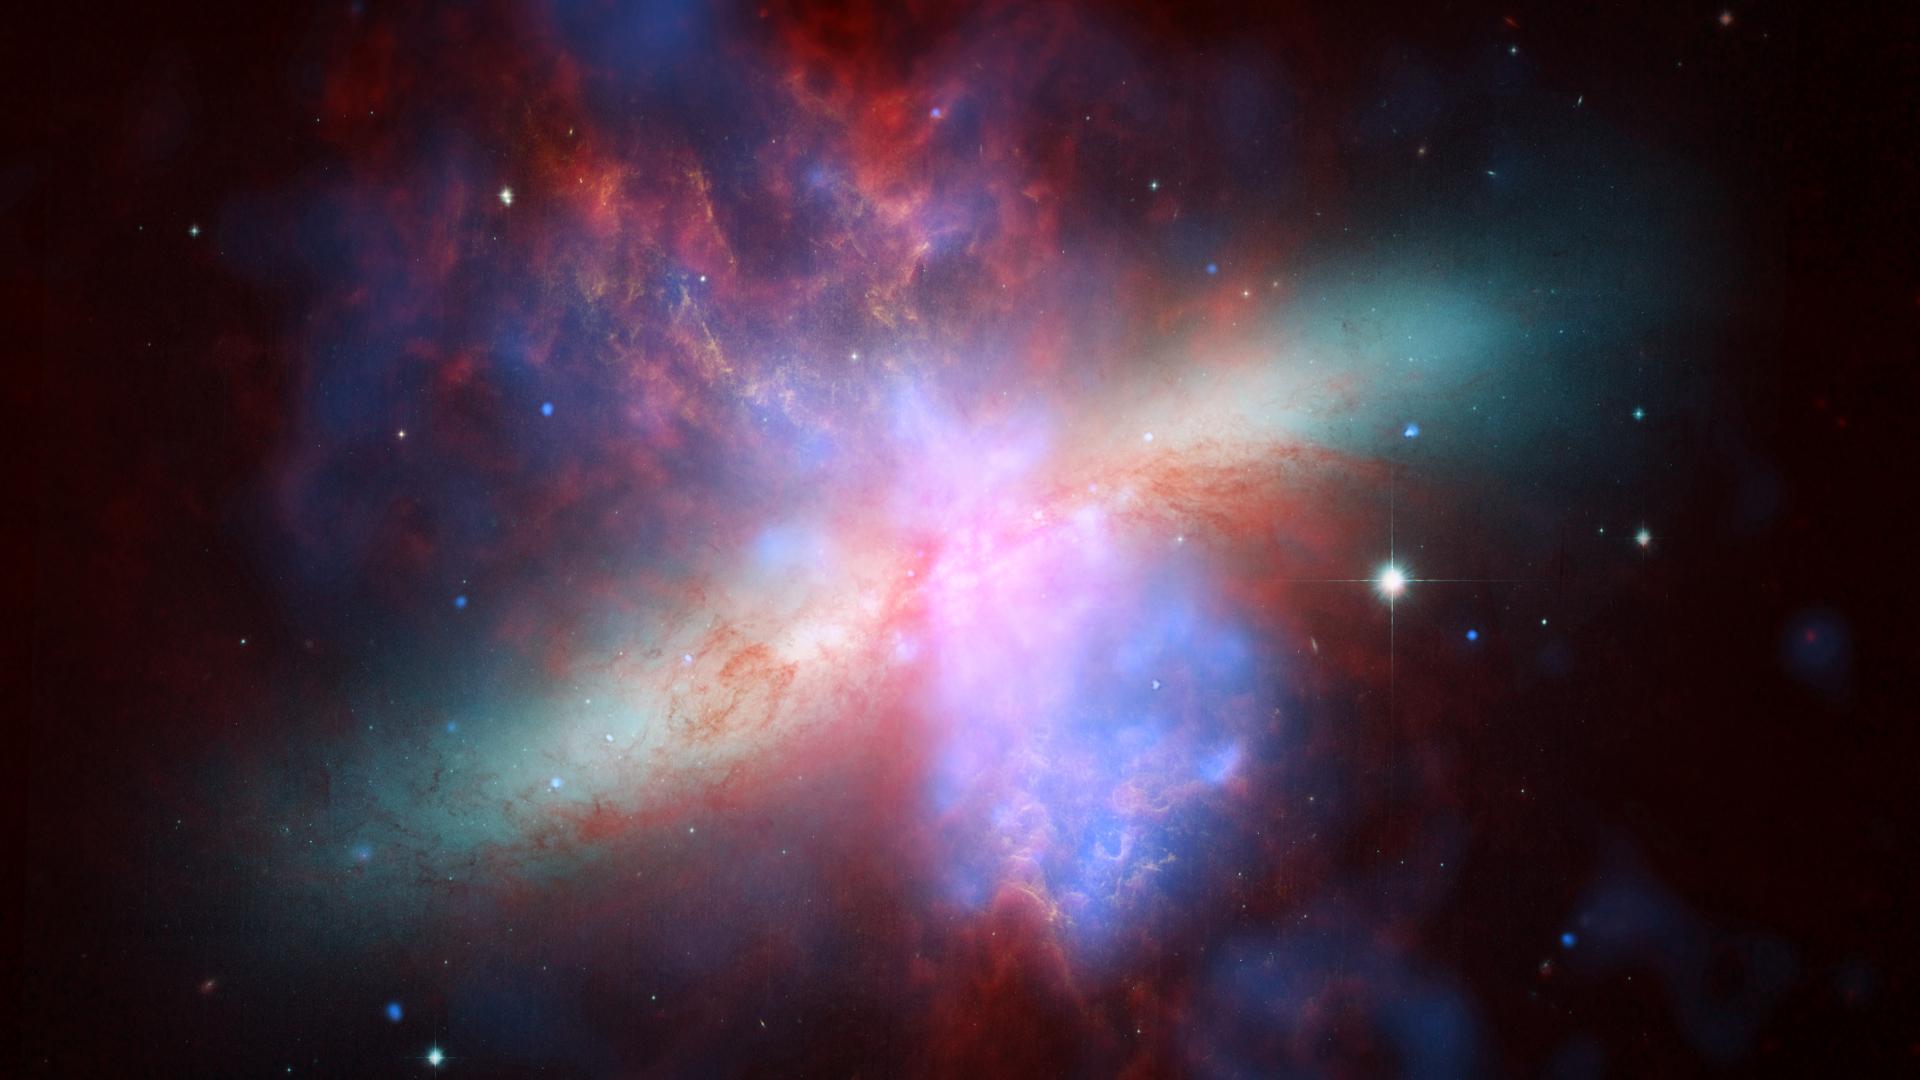 1920x1080p galaxy